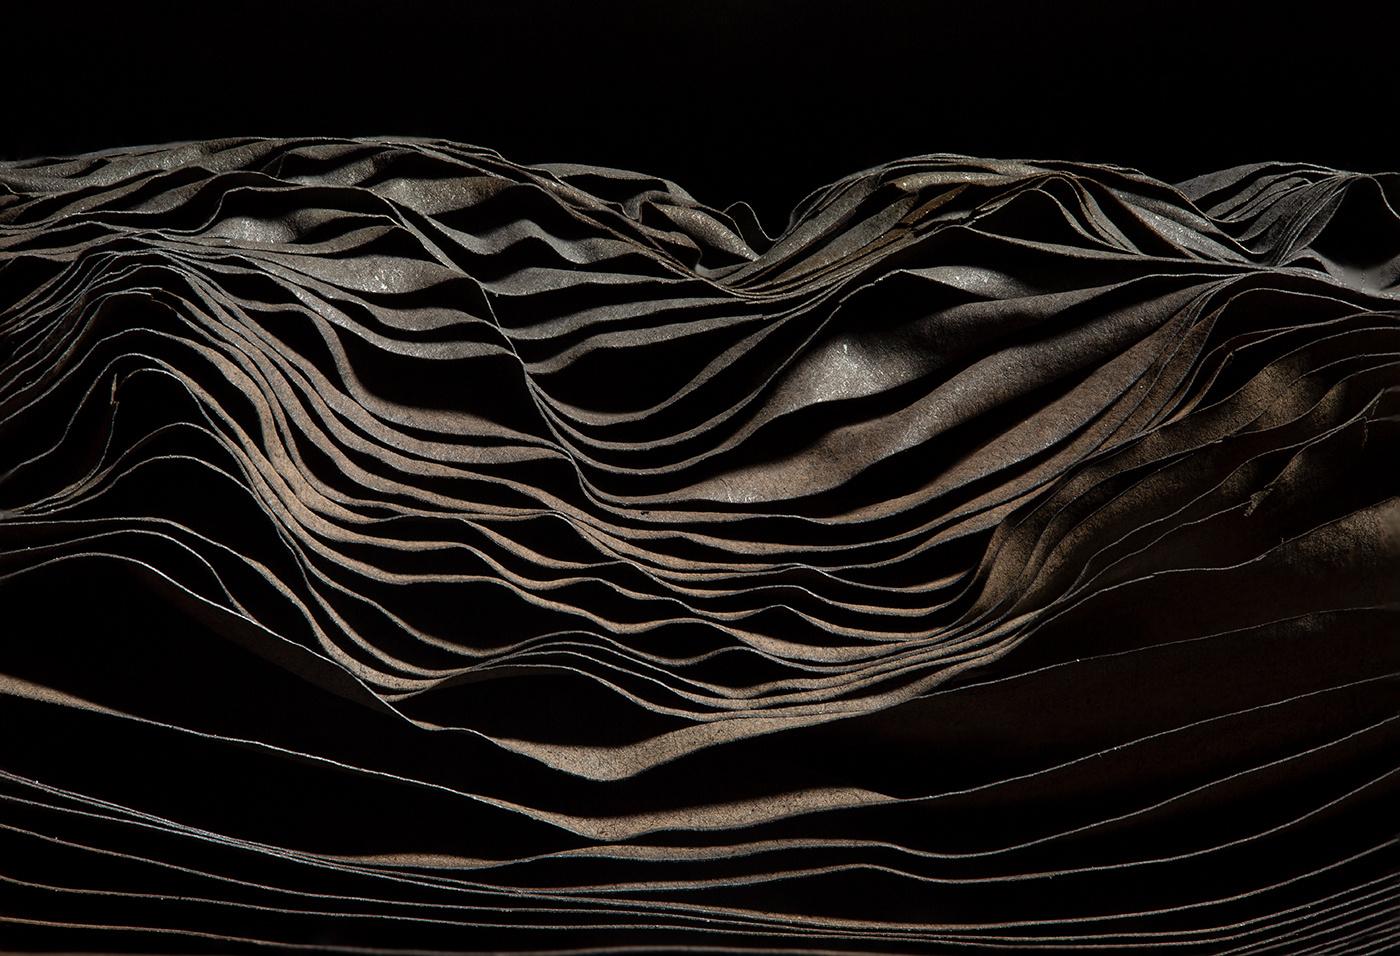 Burnt Landscape by romain VERNEDE